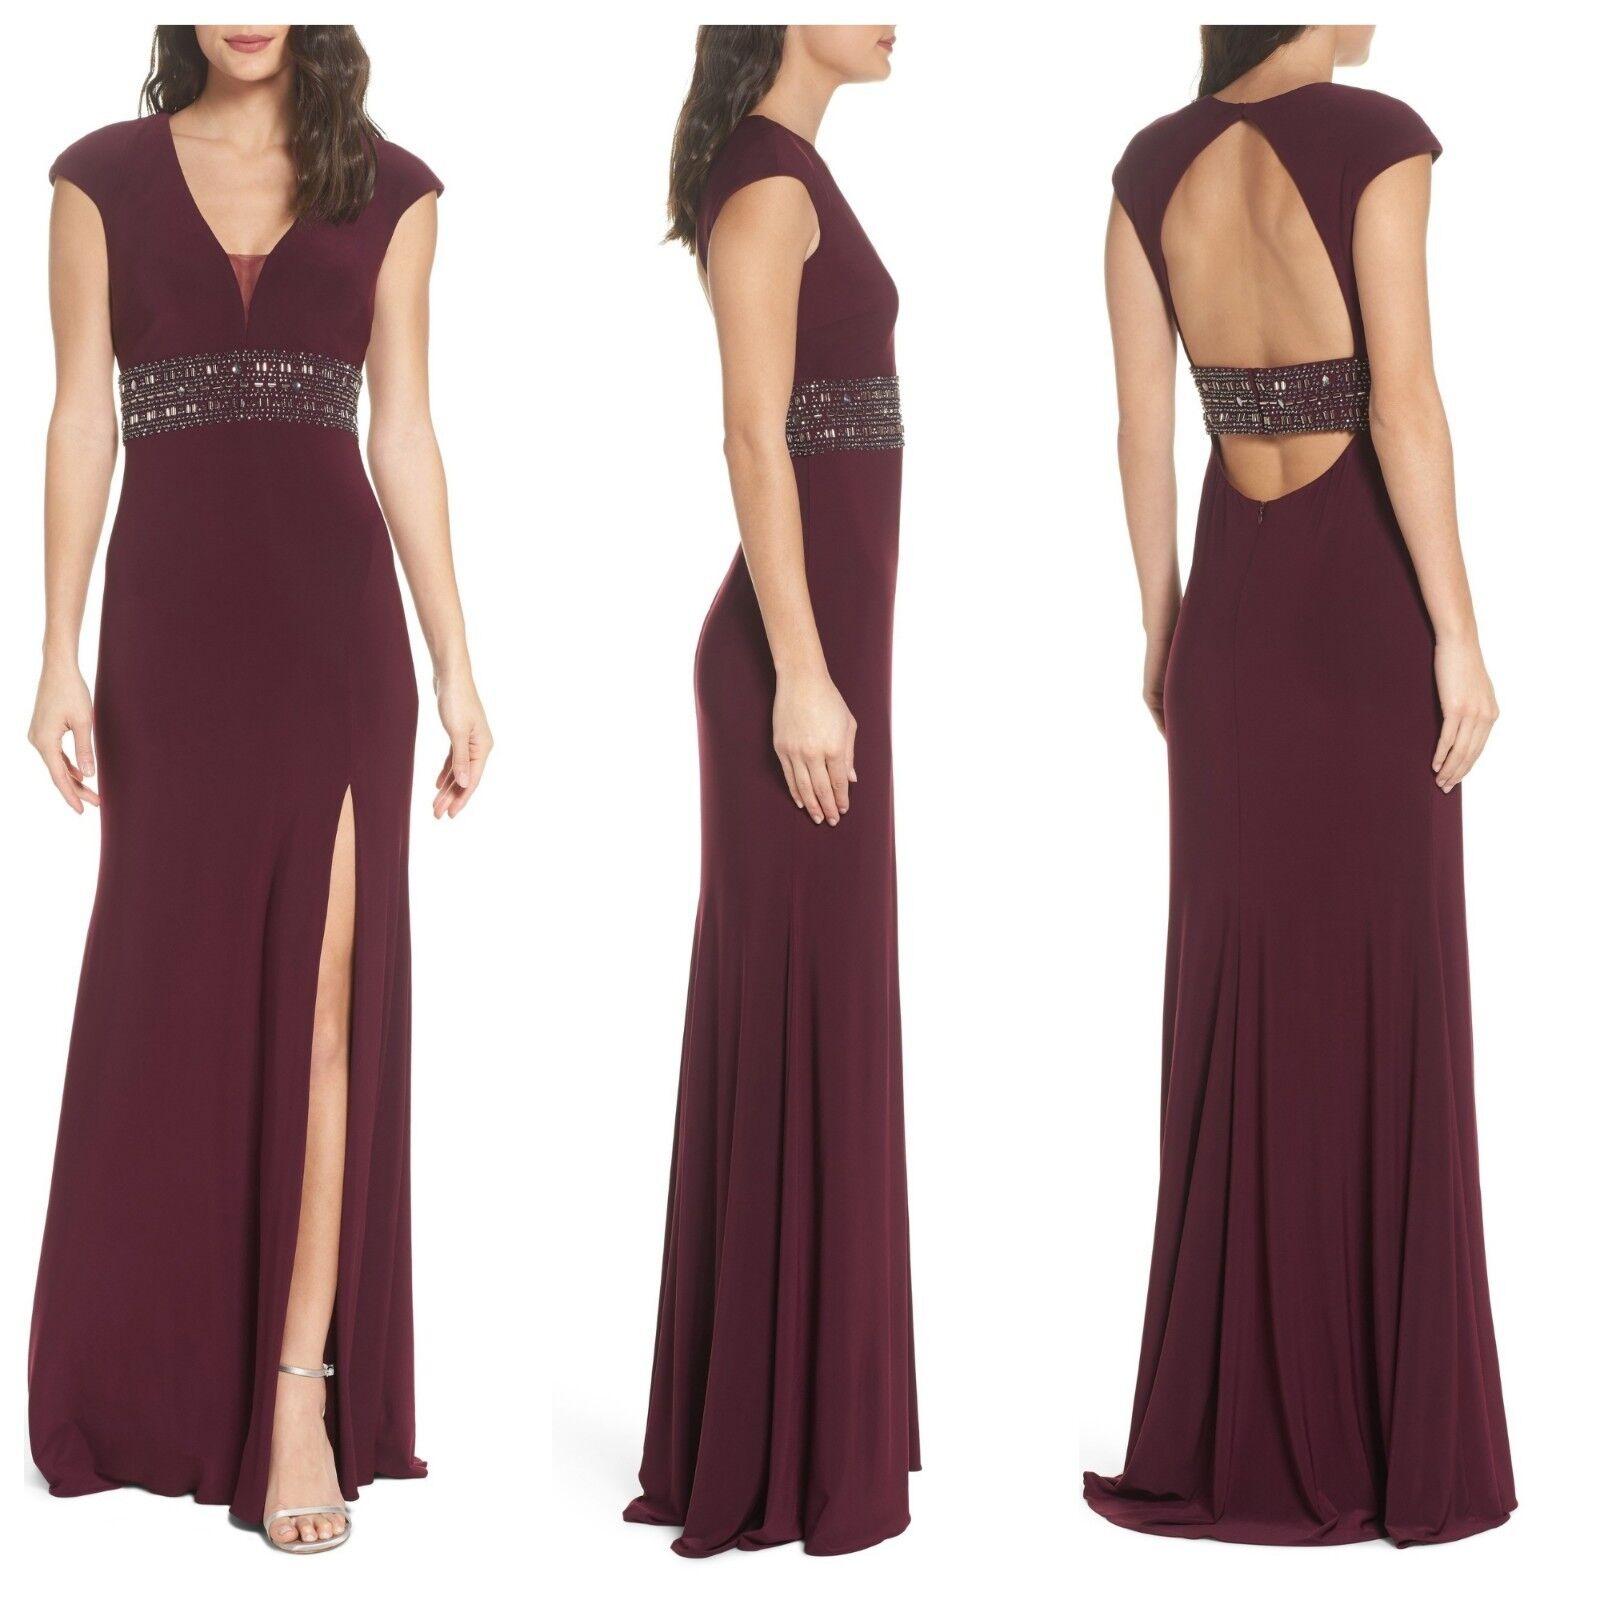 Nuevo  con etiquetas Xscape grano adornado vestido de manga casquillo Vino Rojo [Talla 2]  e309  moda clasica